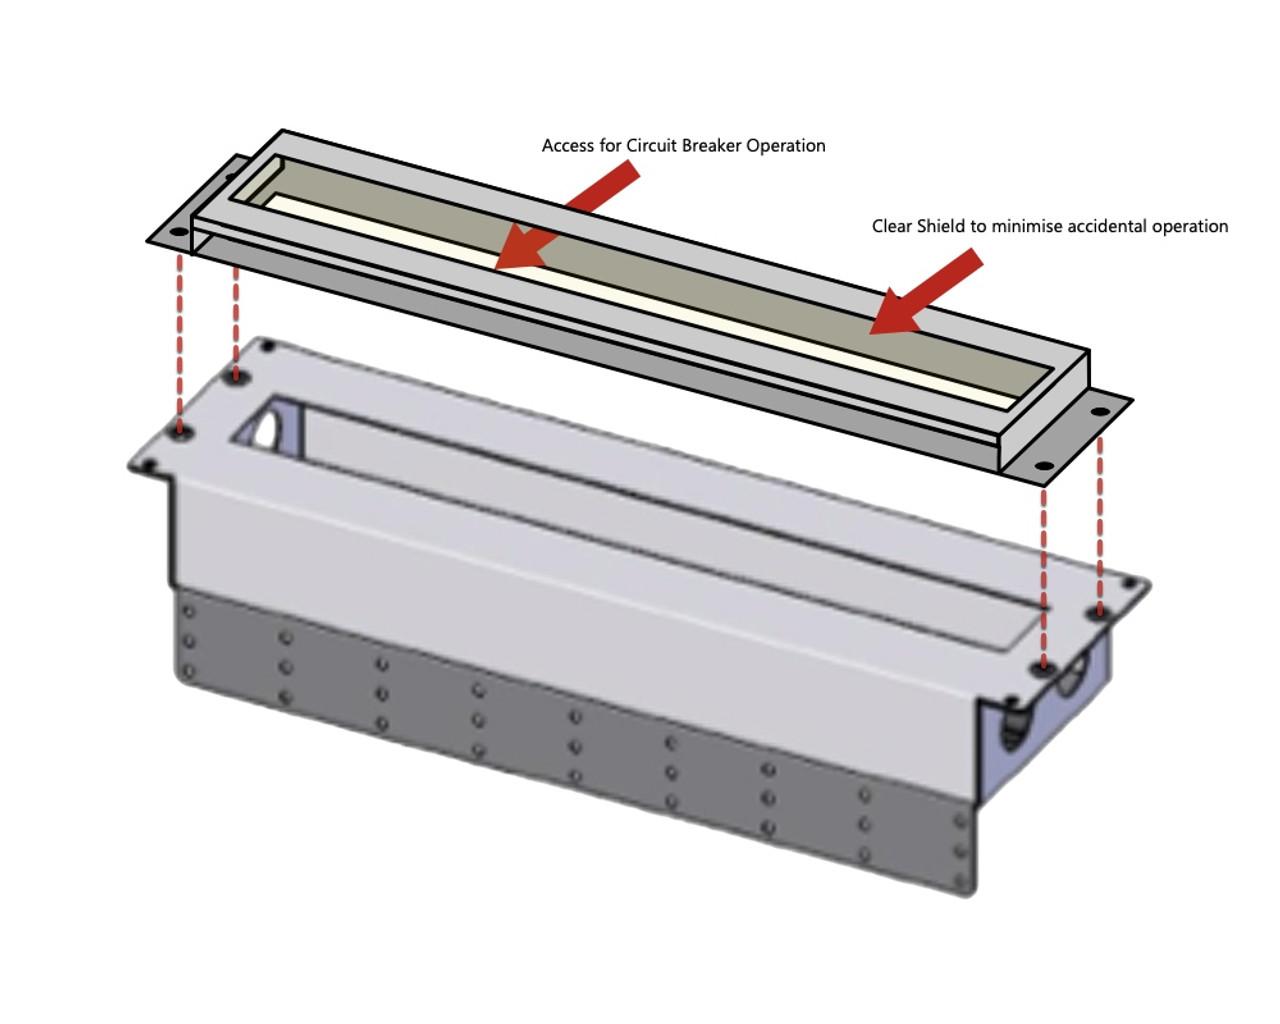 Easy installation - Showing 3RU unit